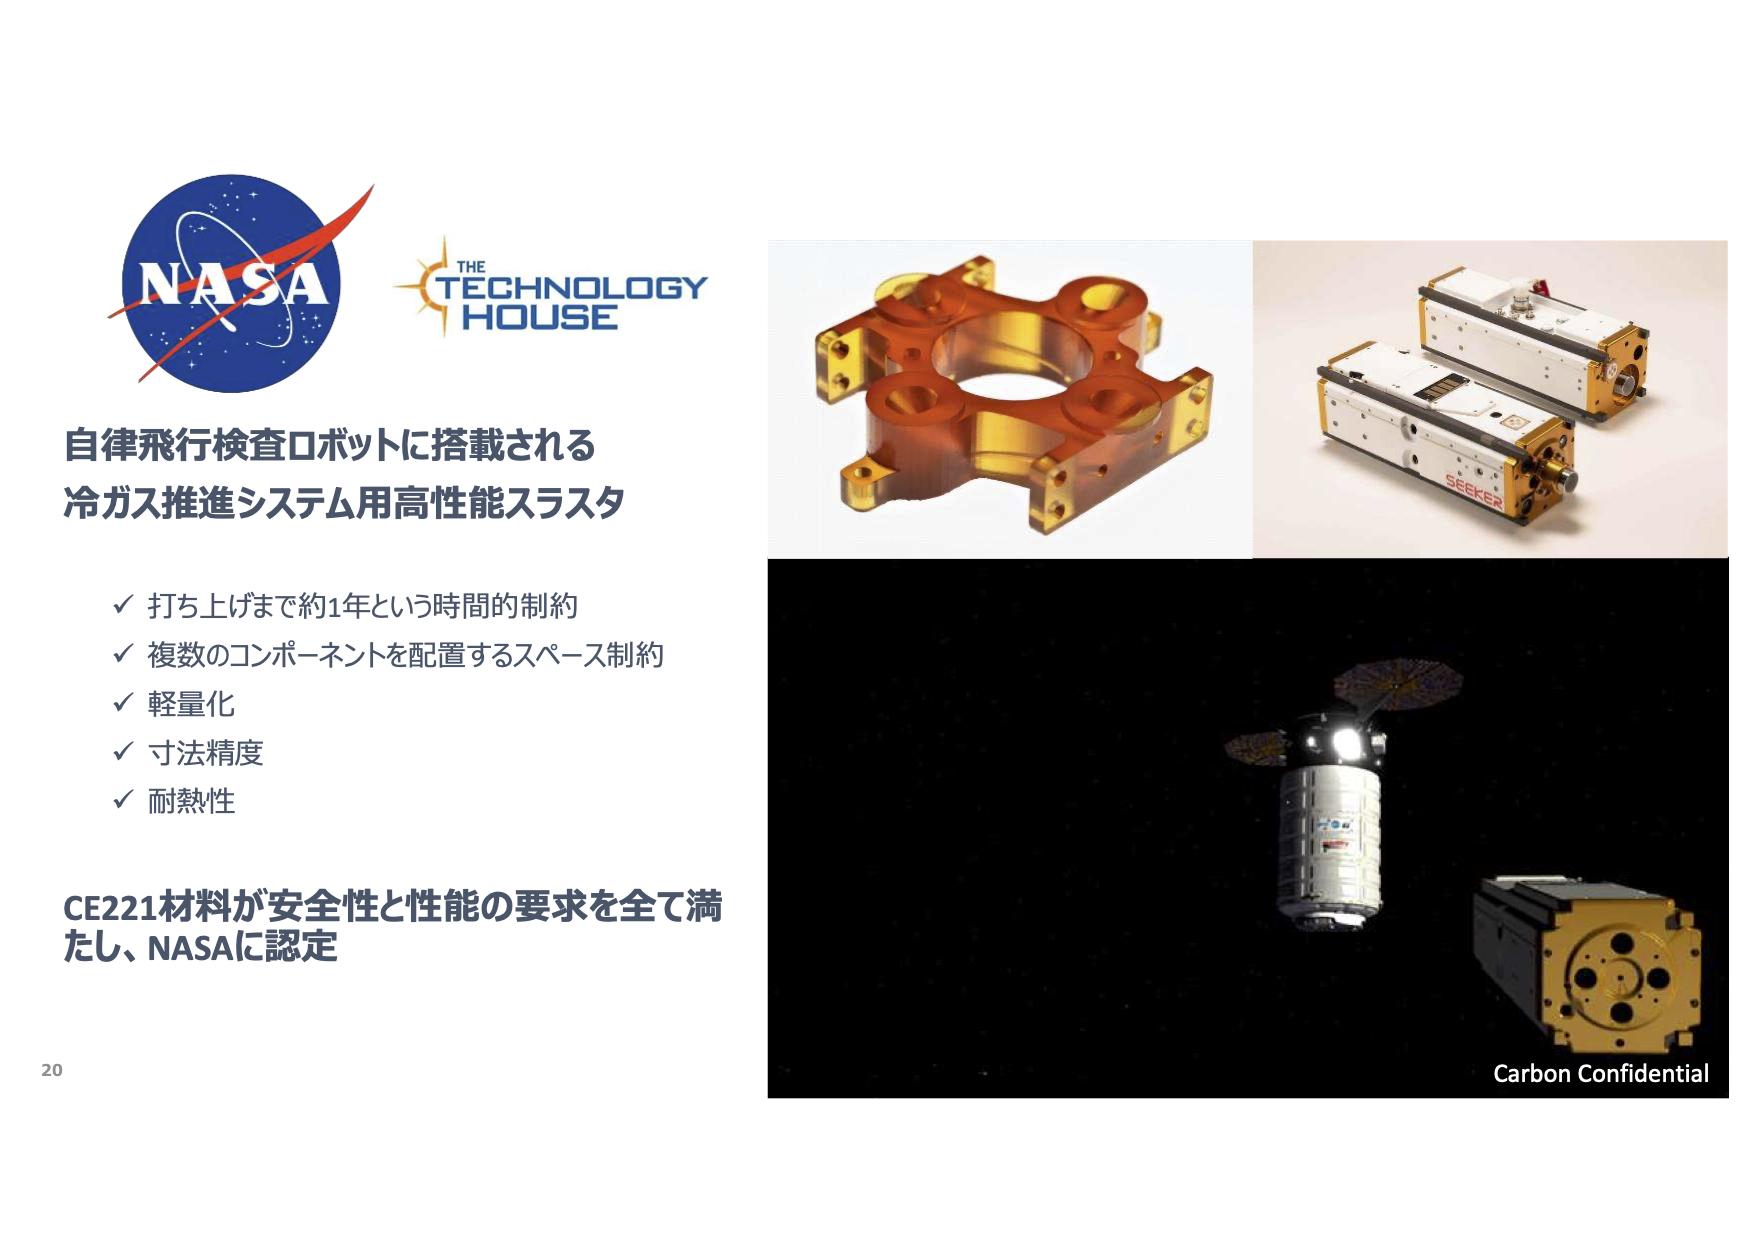 NASAの事例